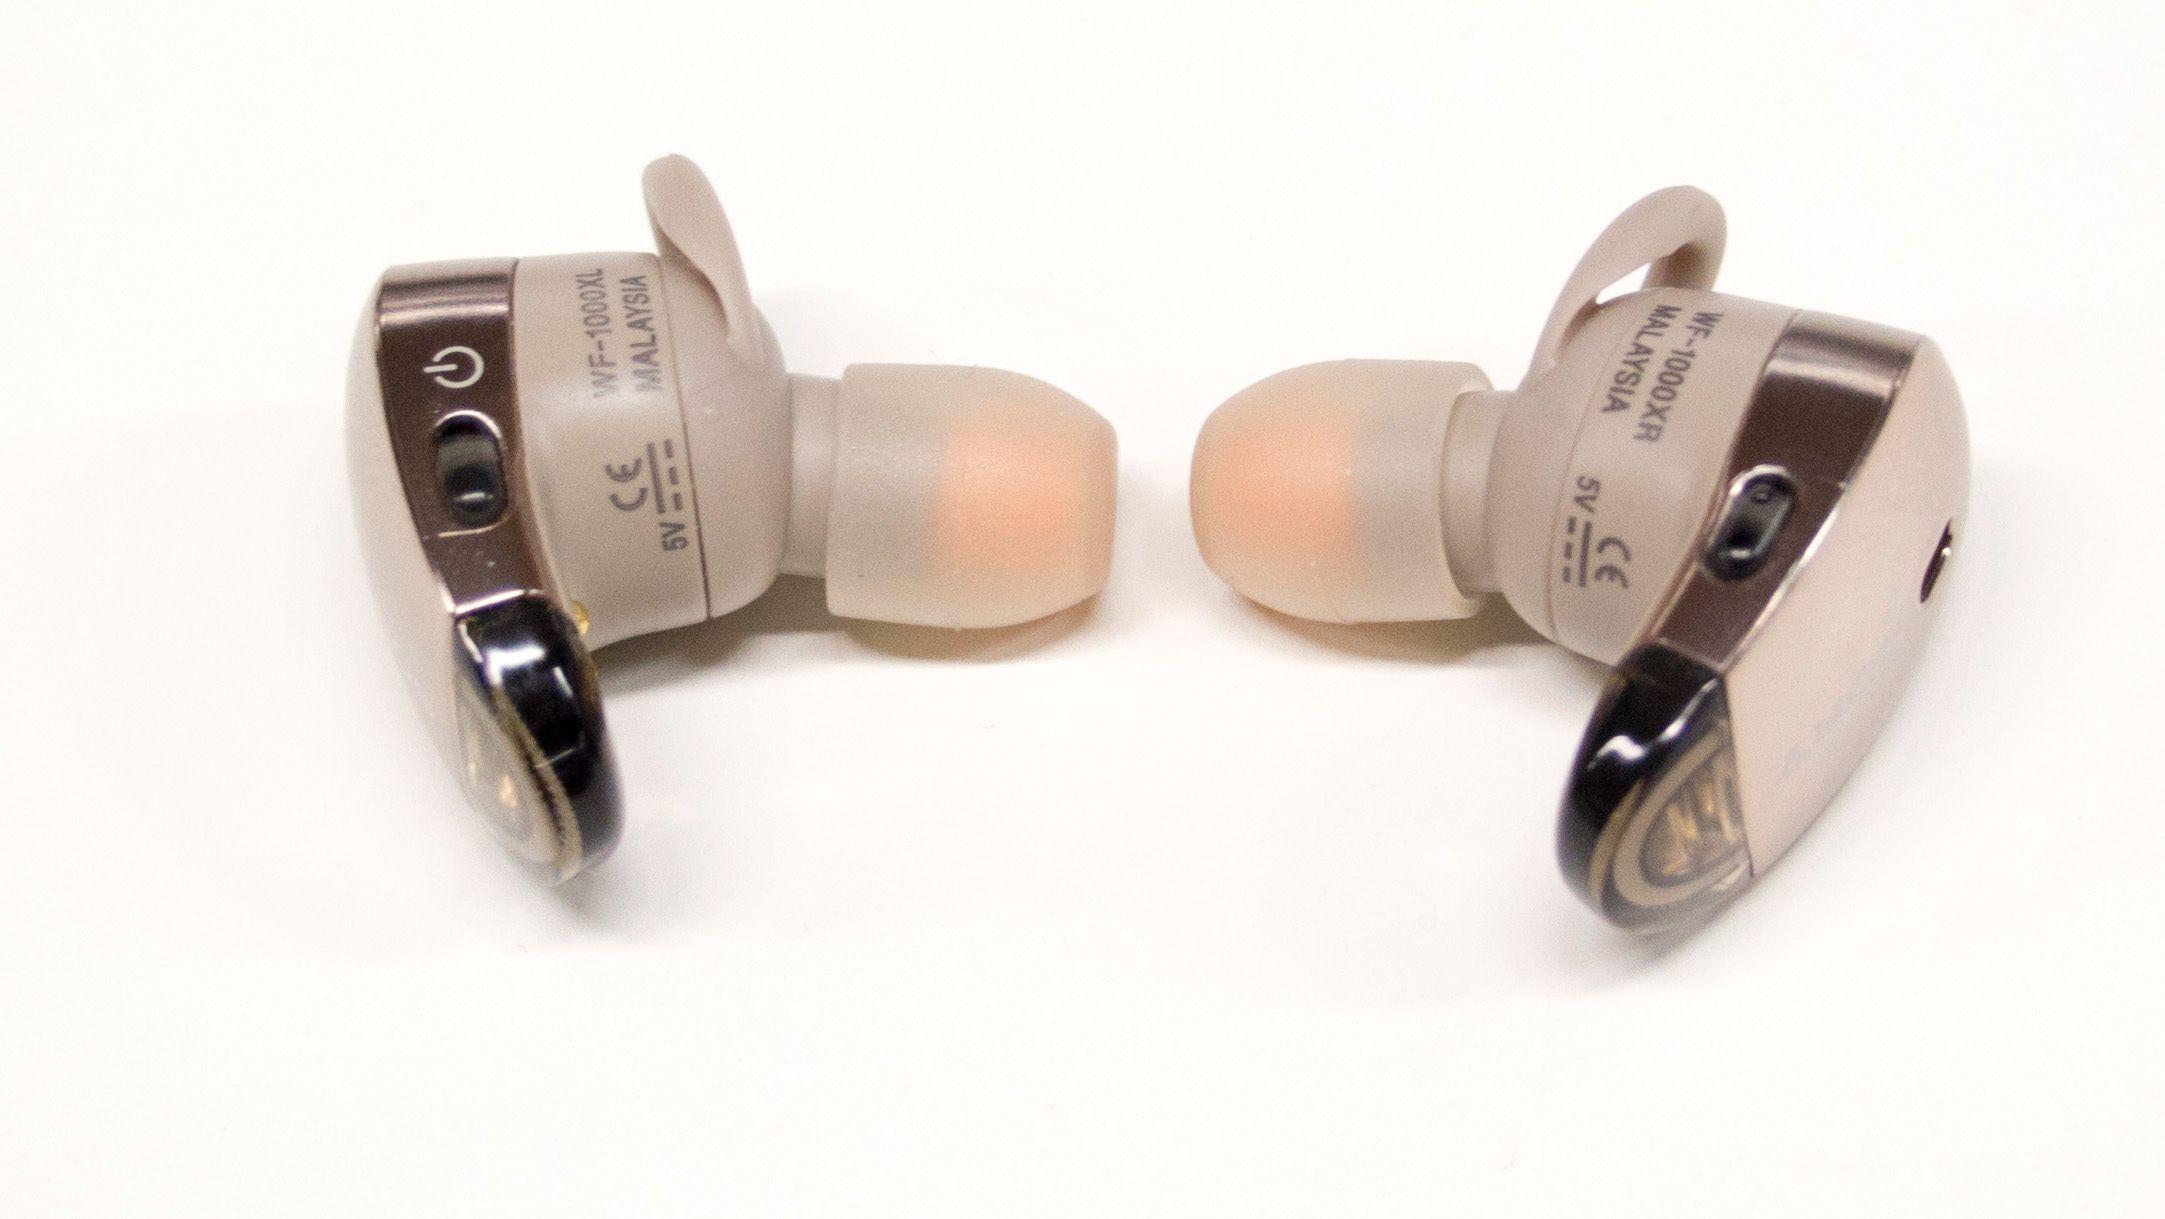 Det er få knapper på selve proppene. En av disse lar deg kontrollere de ulike lydmodusene manuelt.